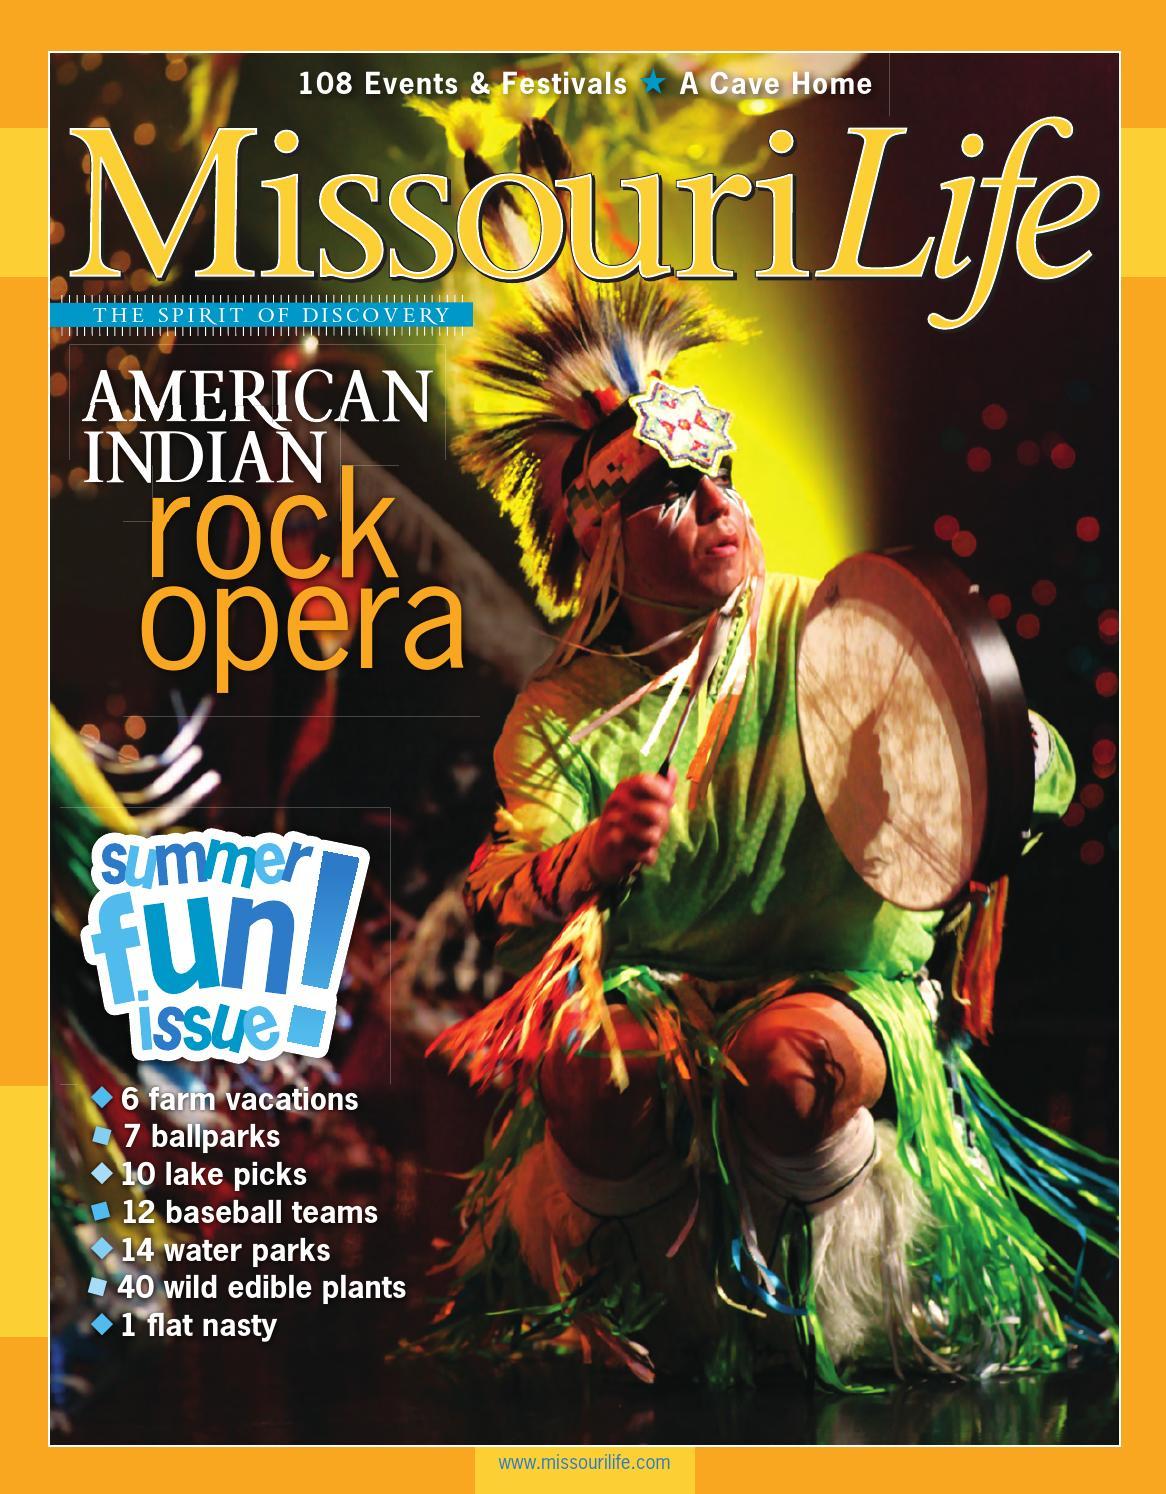 Missouri Life June July 2010 by Missouri Life Magazine - issuu dab6d11db858